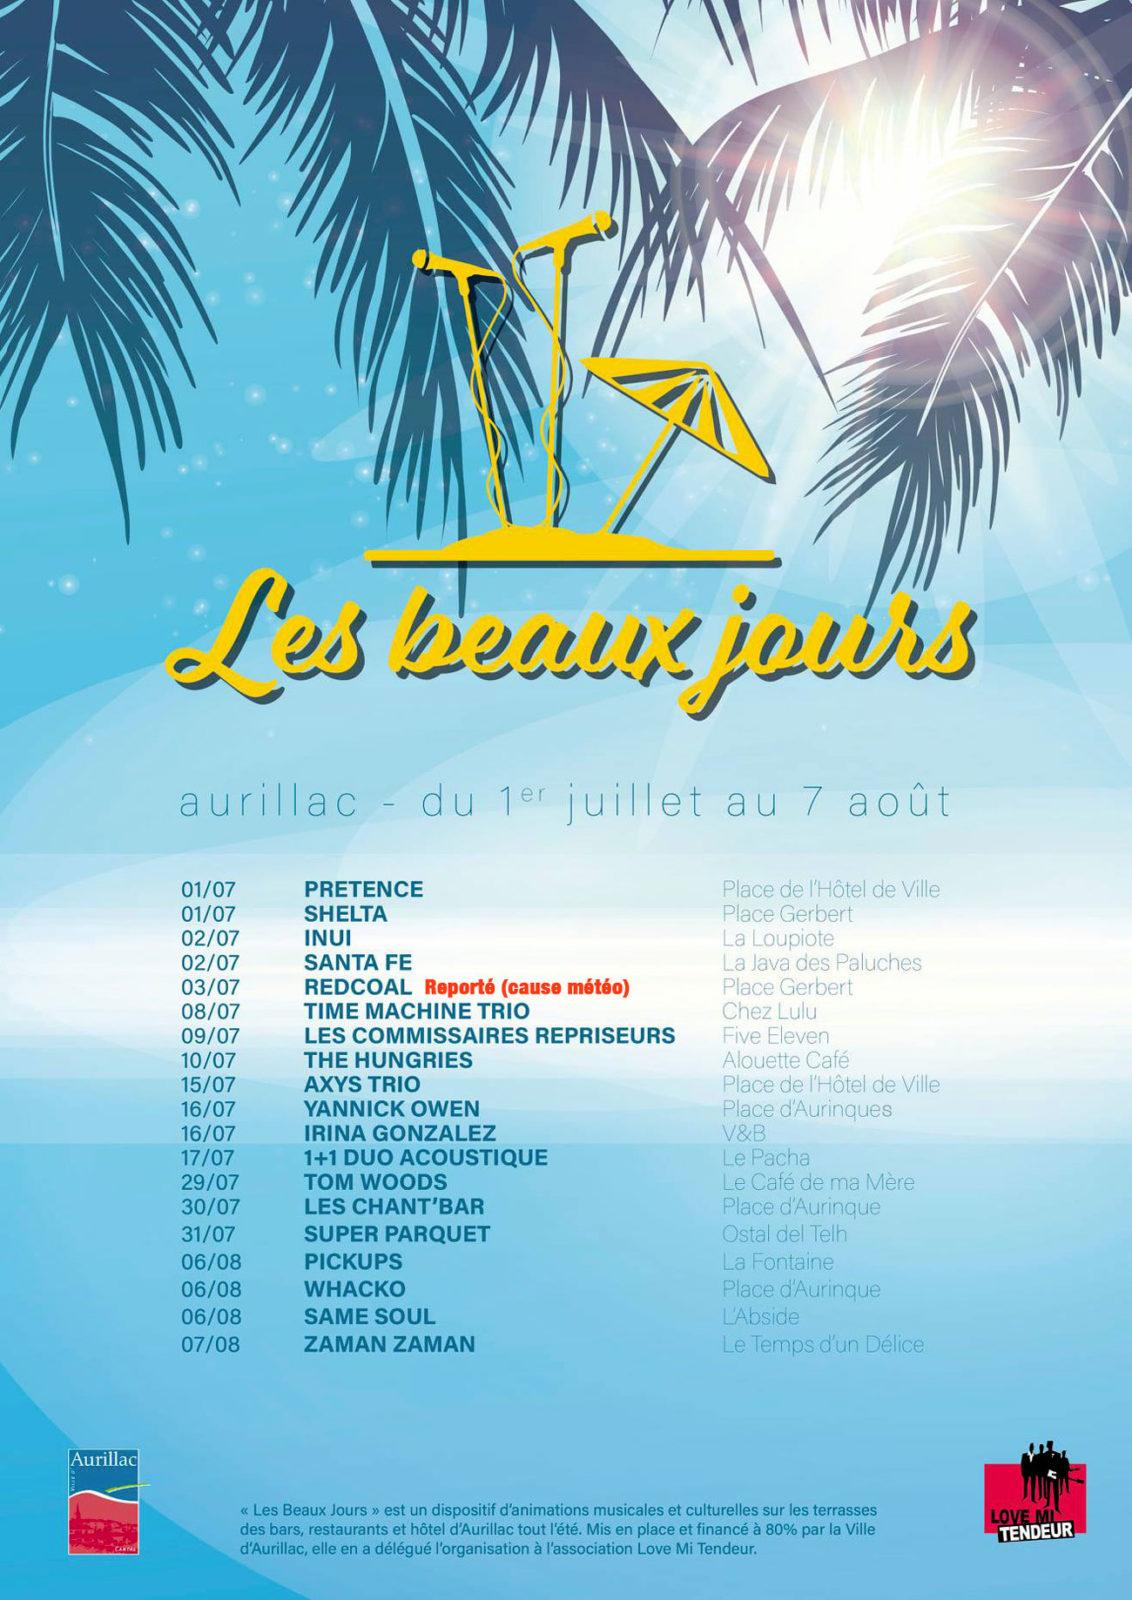 Aurillac : Les Beaux Jours / Concert avec Axys Trio !! reporté au 5 août !!